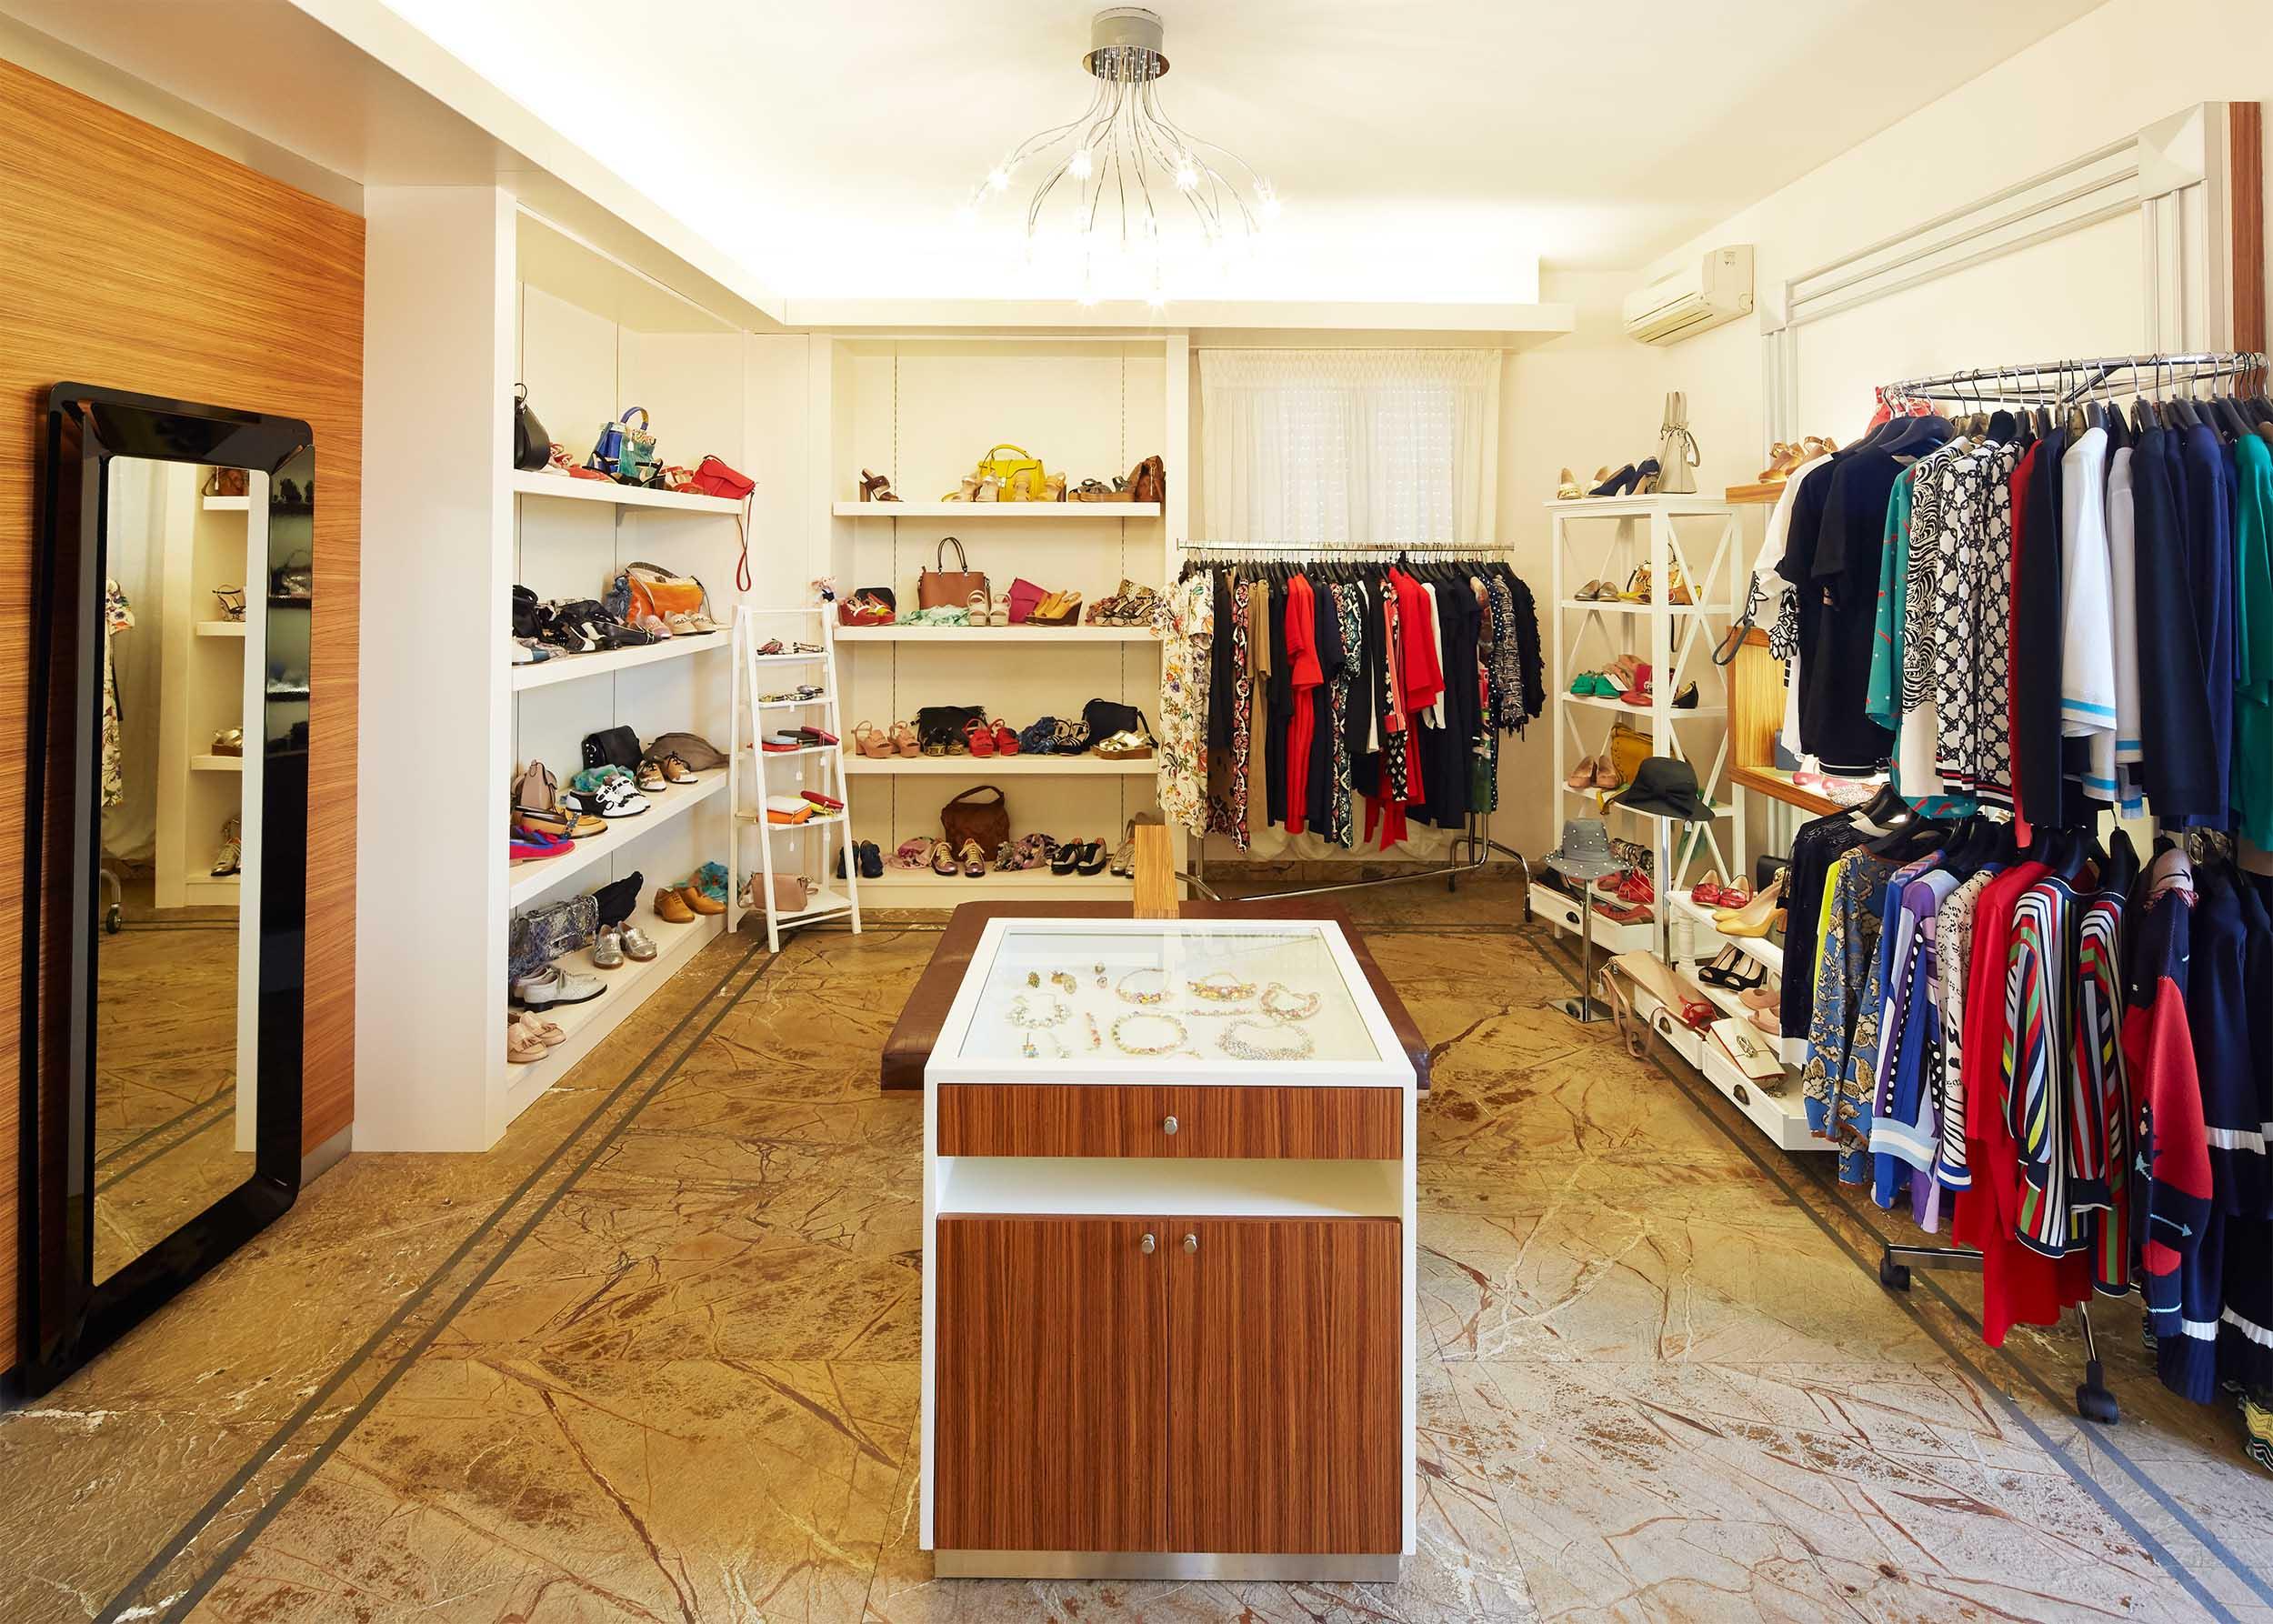 270417_cavallini-showroom-3.jpg